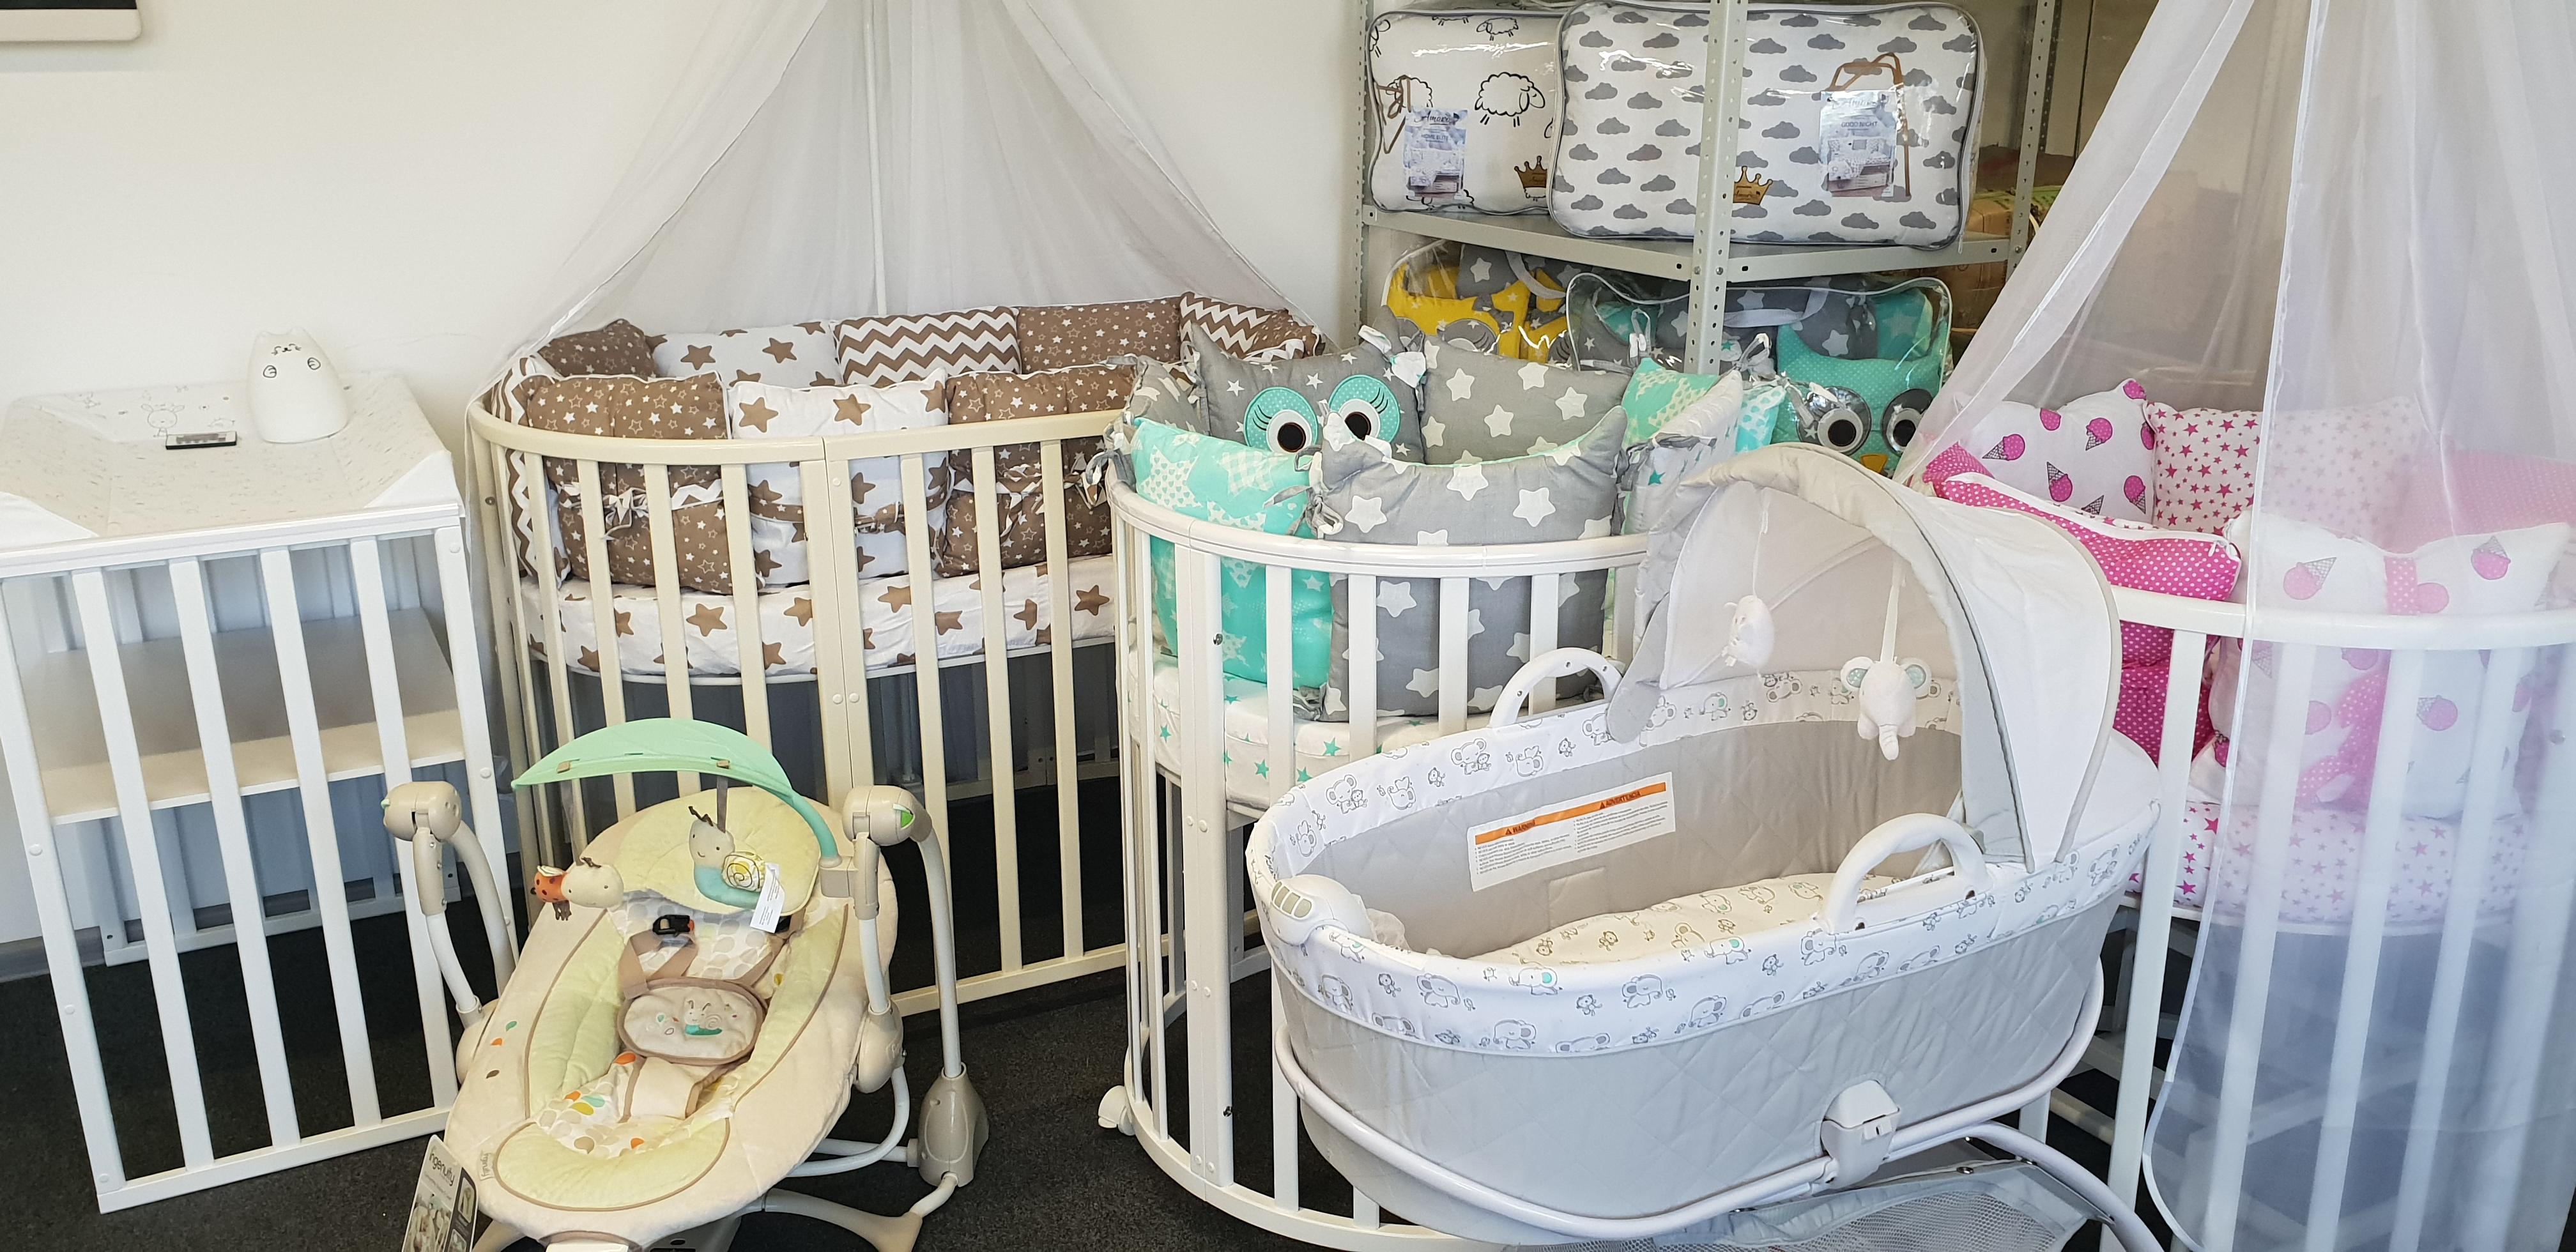 Детская мебель - кроватки, шезлонги, кресла для кормления и др.